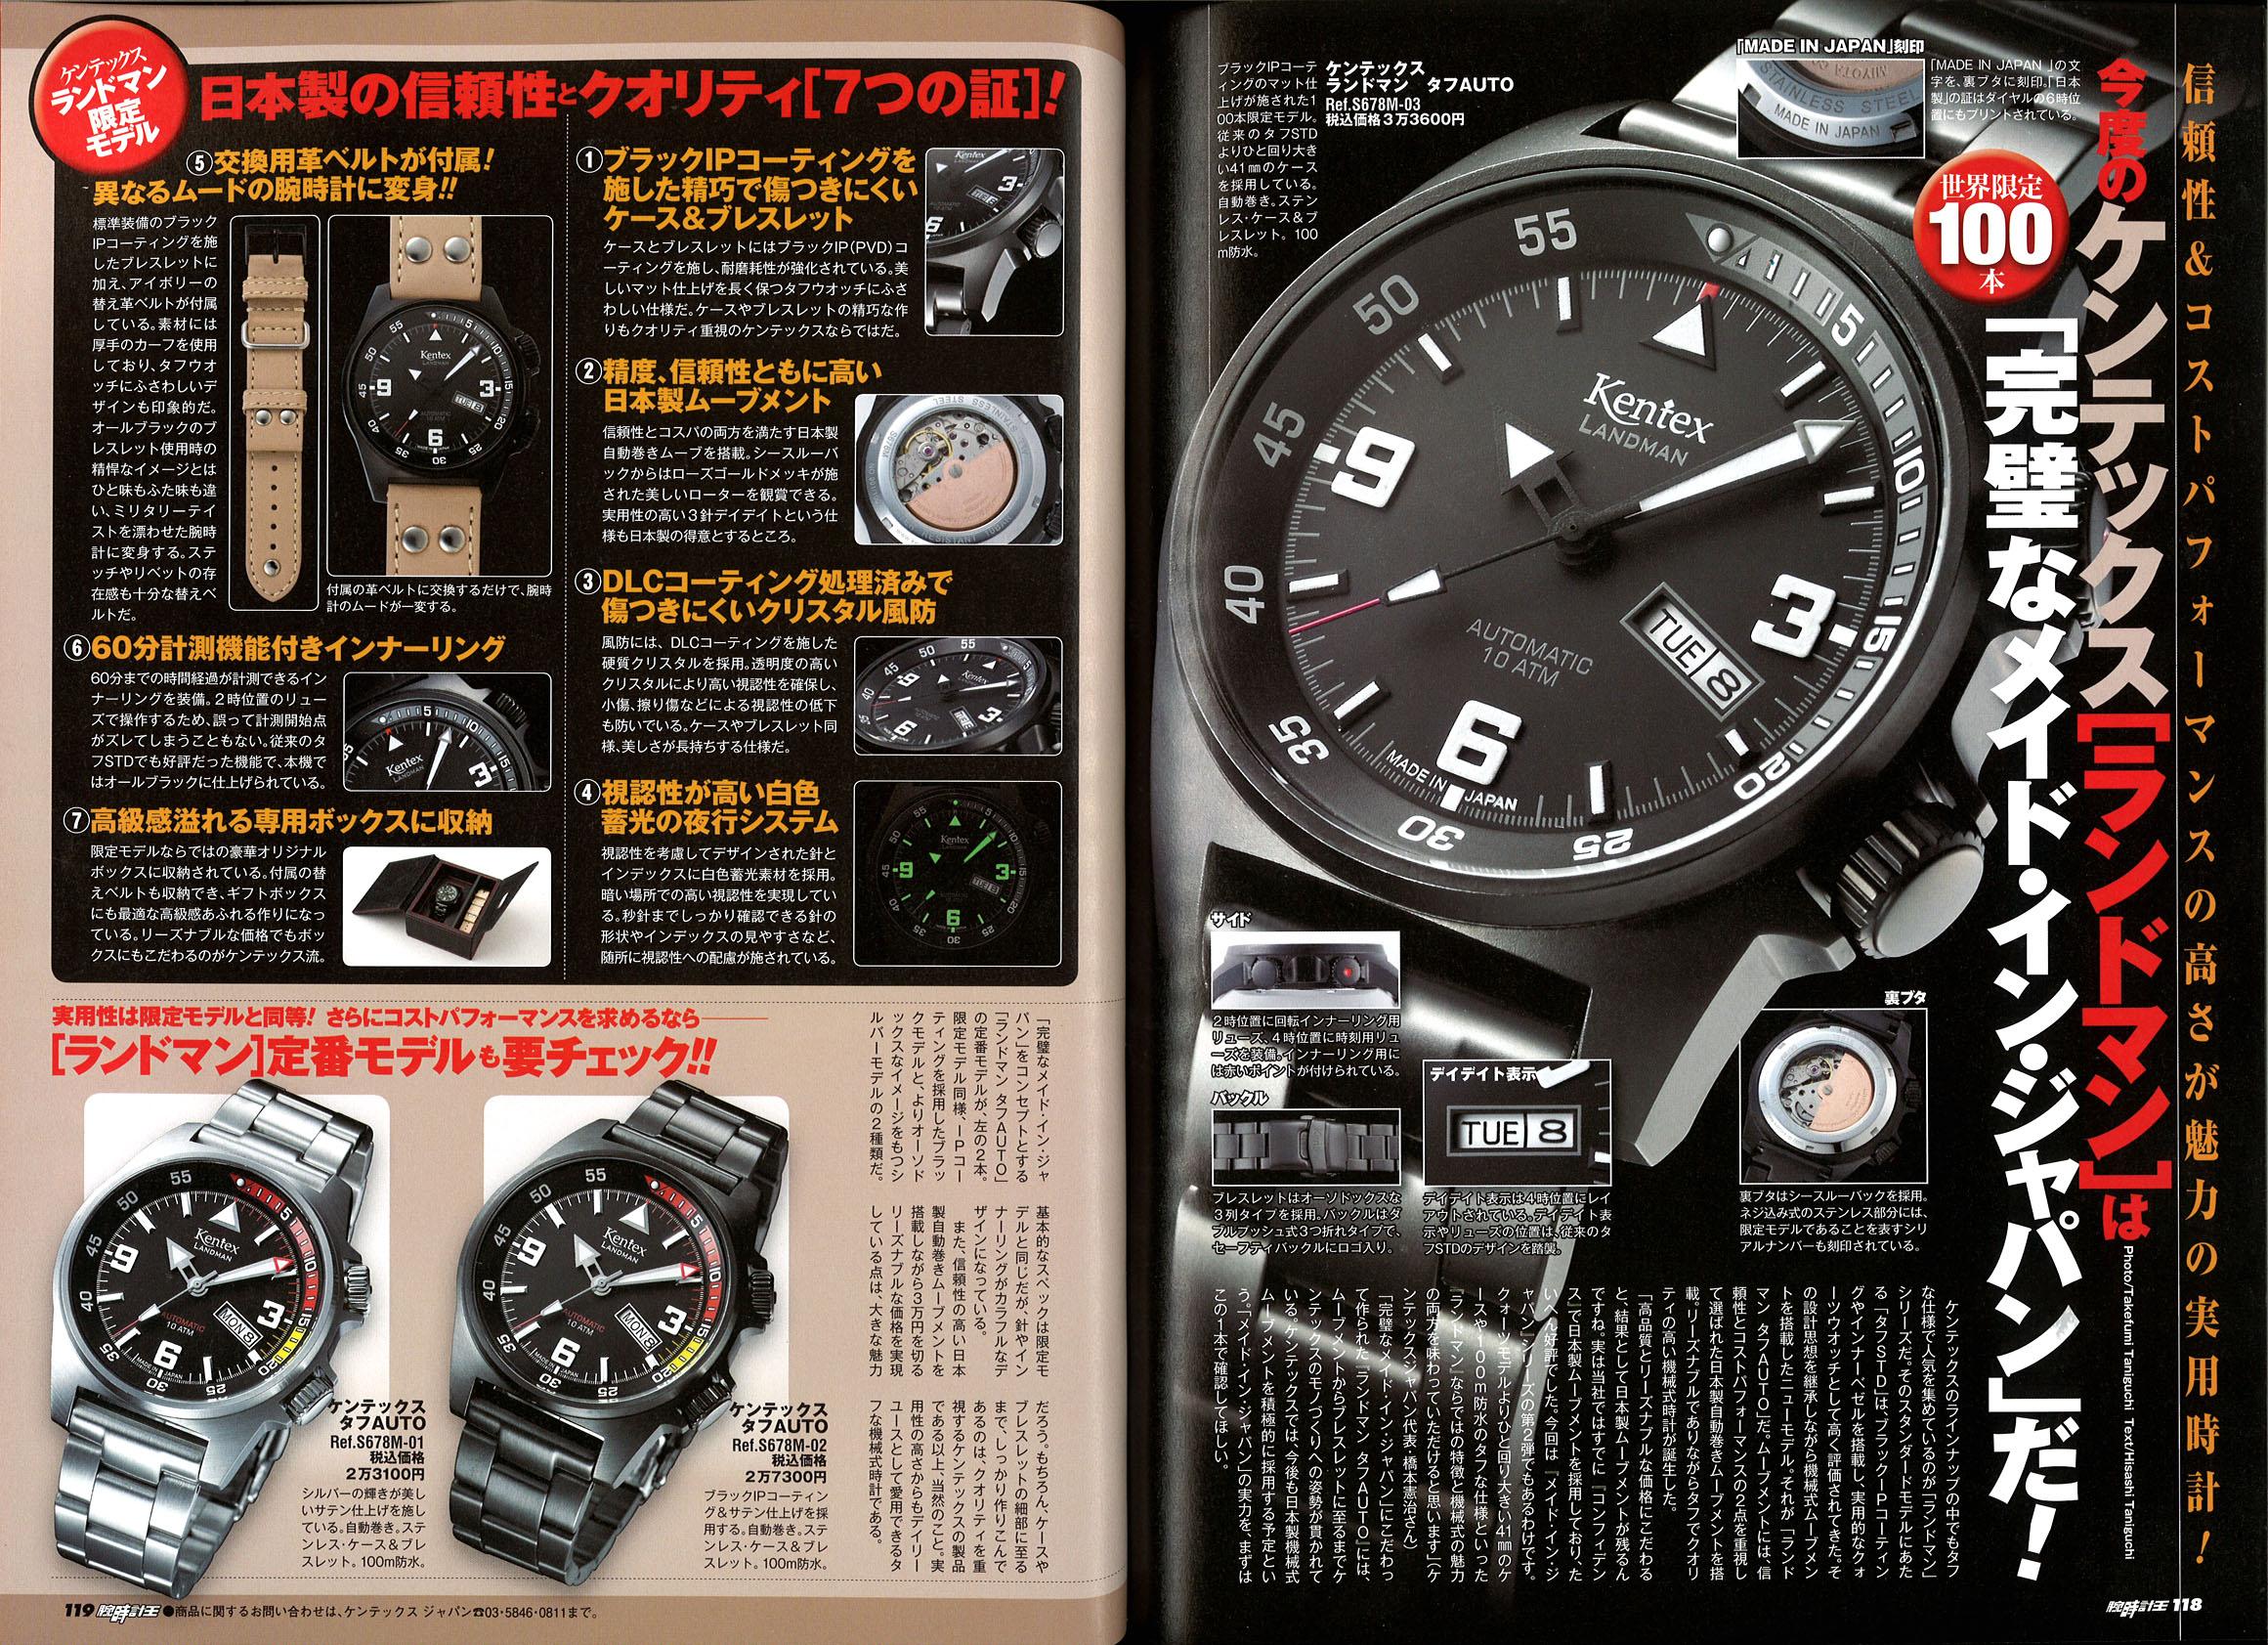 腕時計王Vol.47掲載